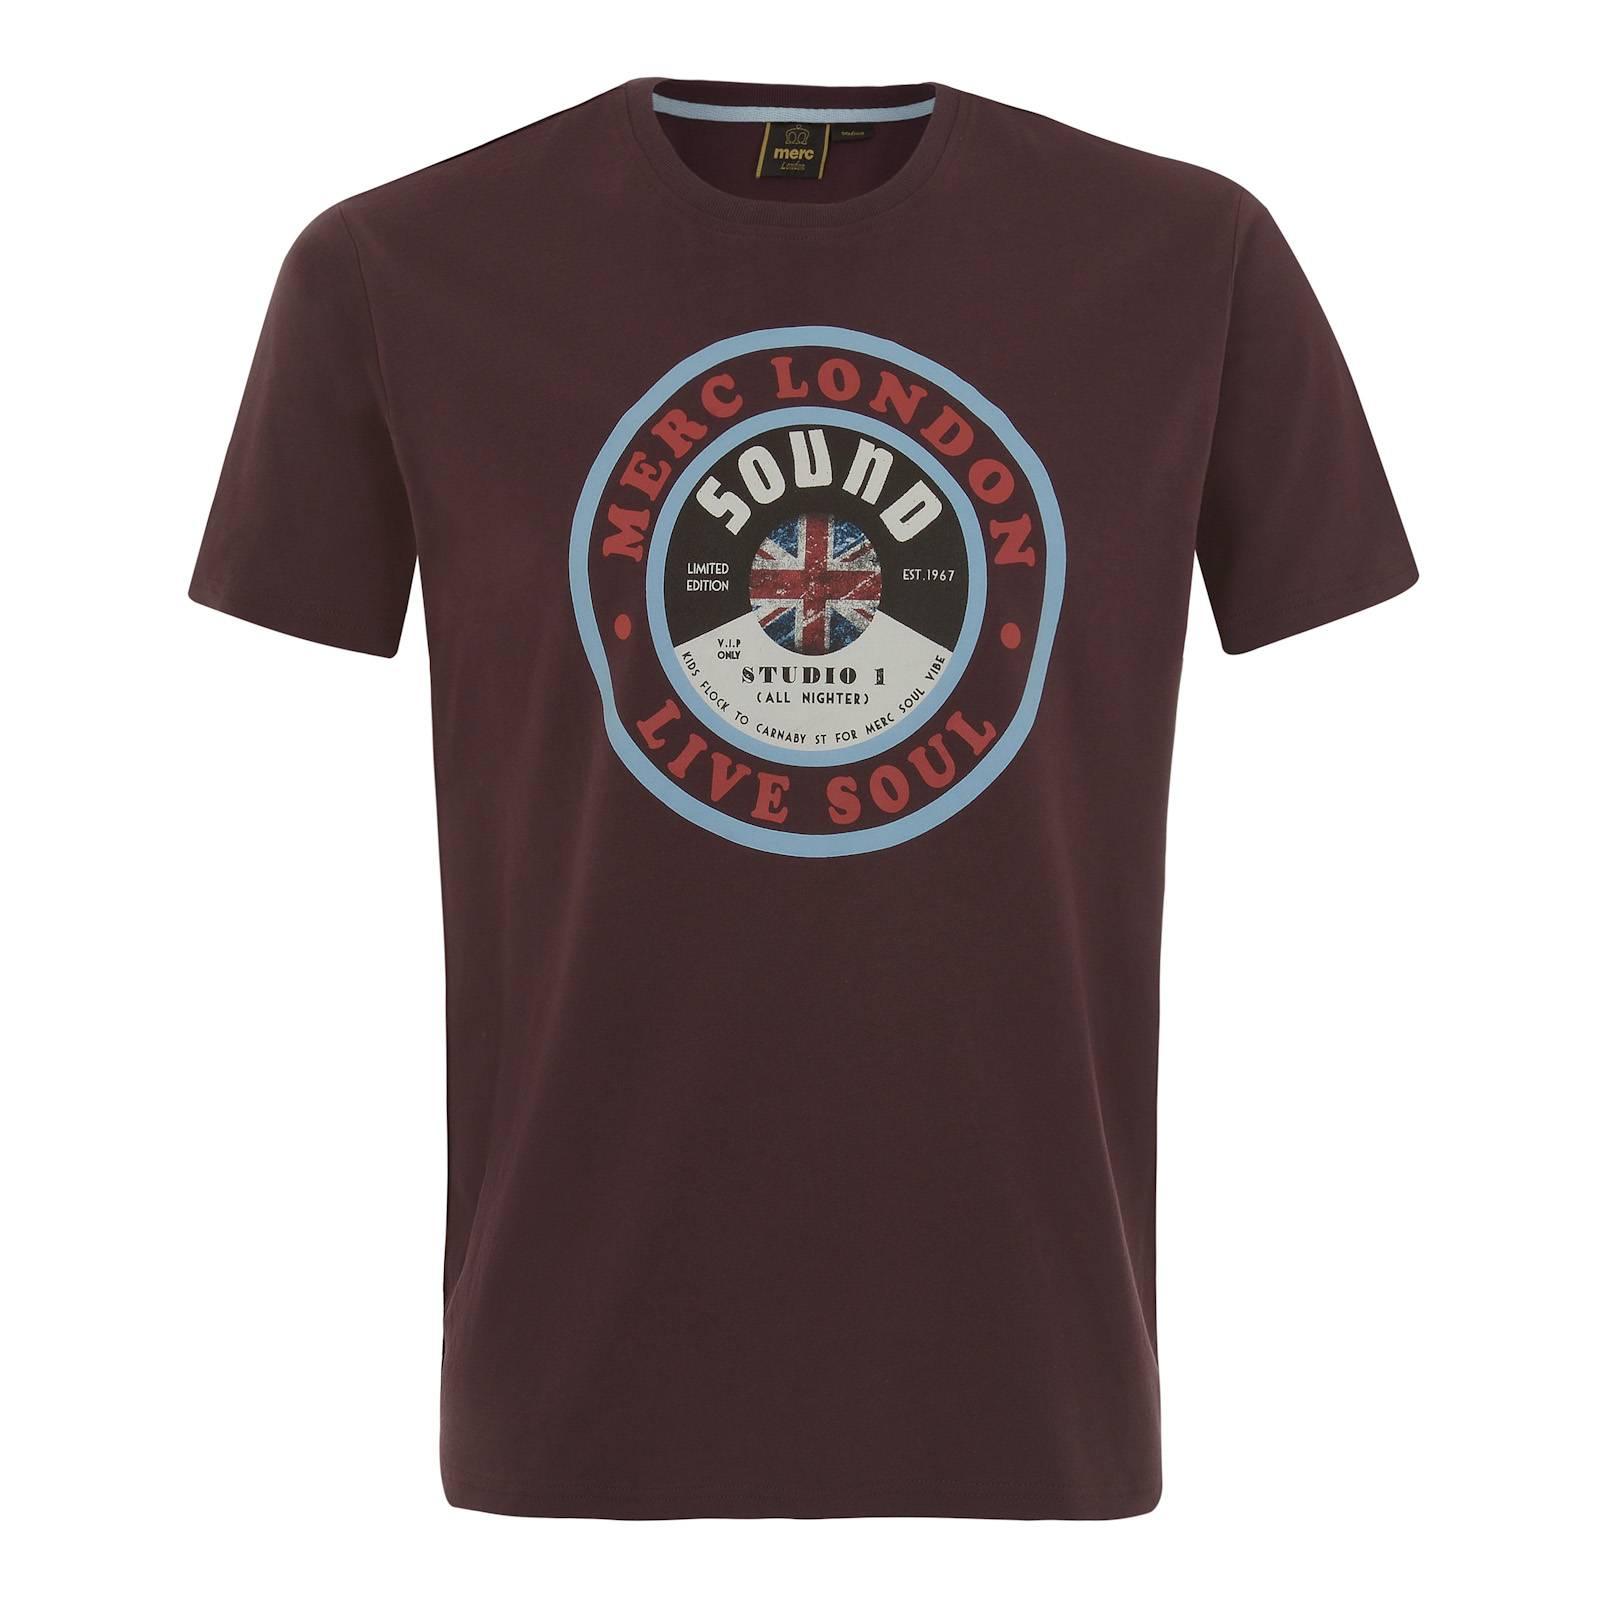 Футболка DunesФутболки<br>Мужская футболка с изображением выпущенной на импровизированном лейбле Merc винтажной аналоговой грампластинки с британской музыкой соул станет красивым дополнением весеннего лука, эффектно выглядывая из-под олимпийки, Харрингтона или Monkey Jacket.<br><br>Артикул: 1715106<br>Материал: 100% хлопок<br>Цвет: ивово-коричневый<br>Пол: Мужской